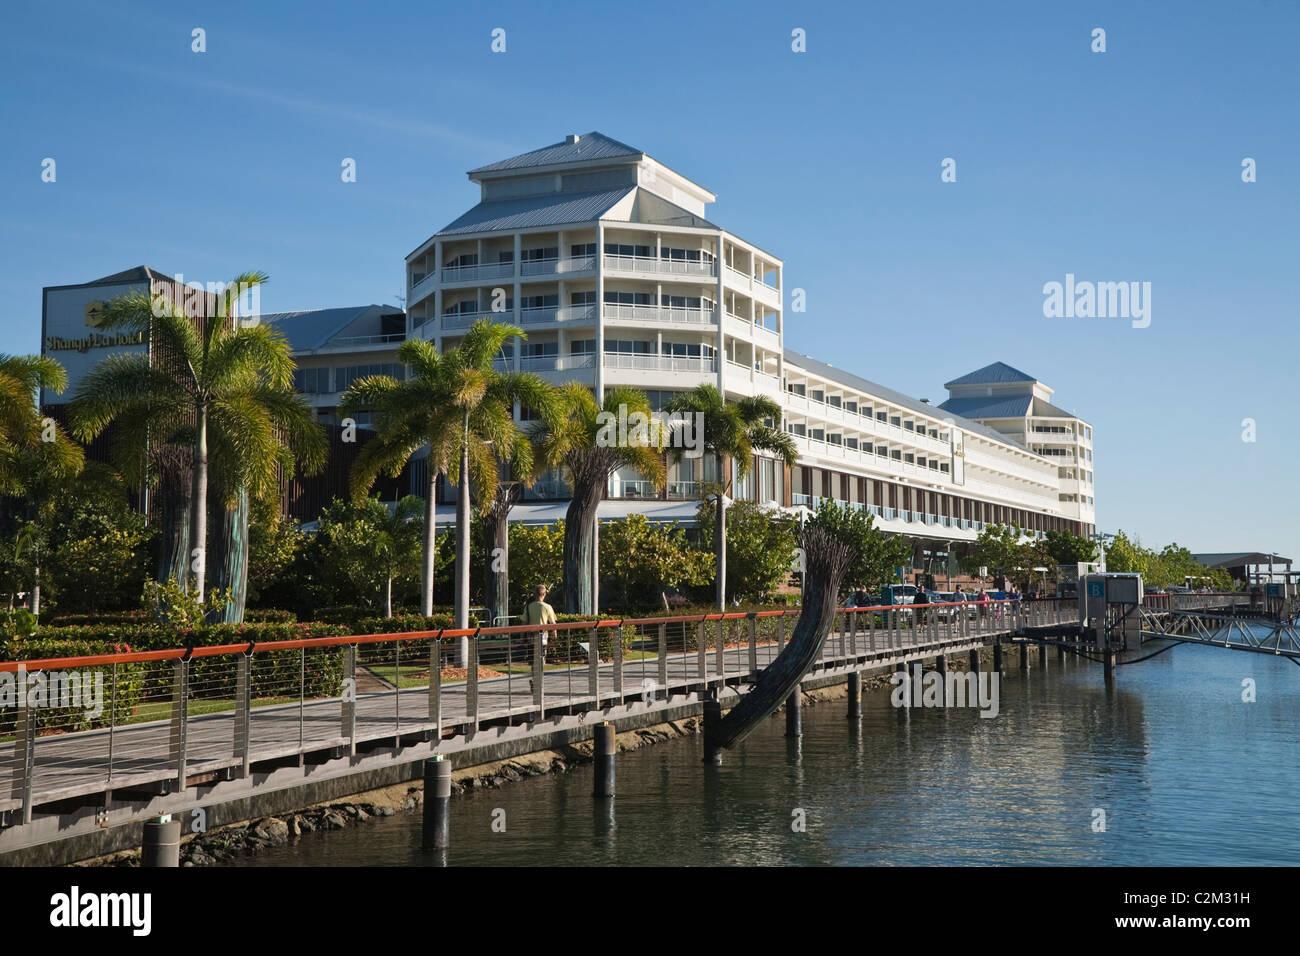 L'hotel Shangri-La a Marlin Marina. Cairns, Queensland, Australia Immagini Stock